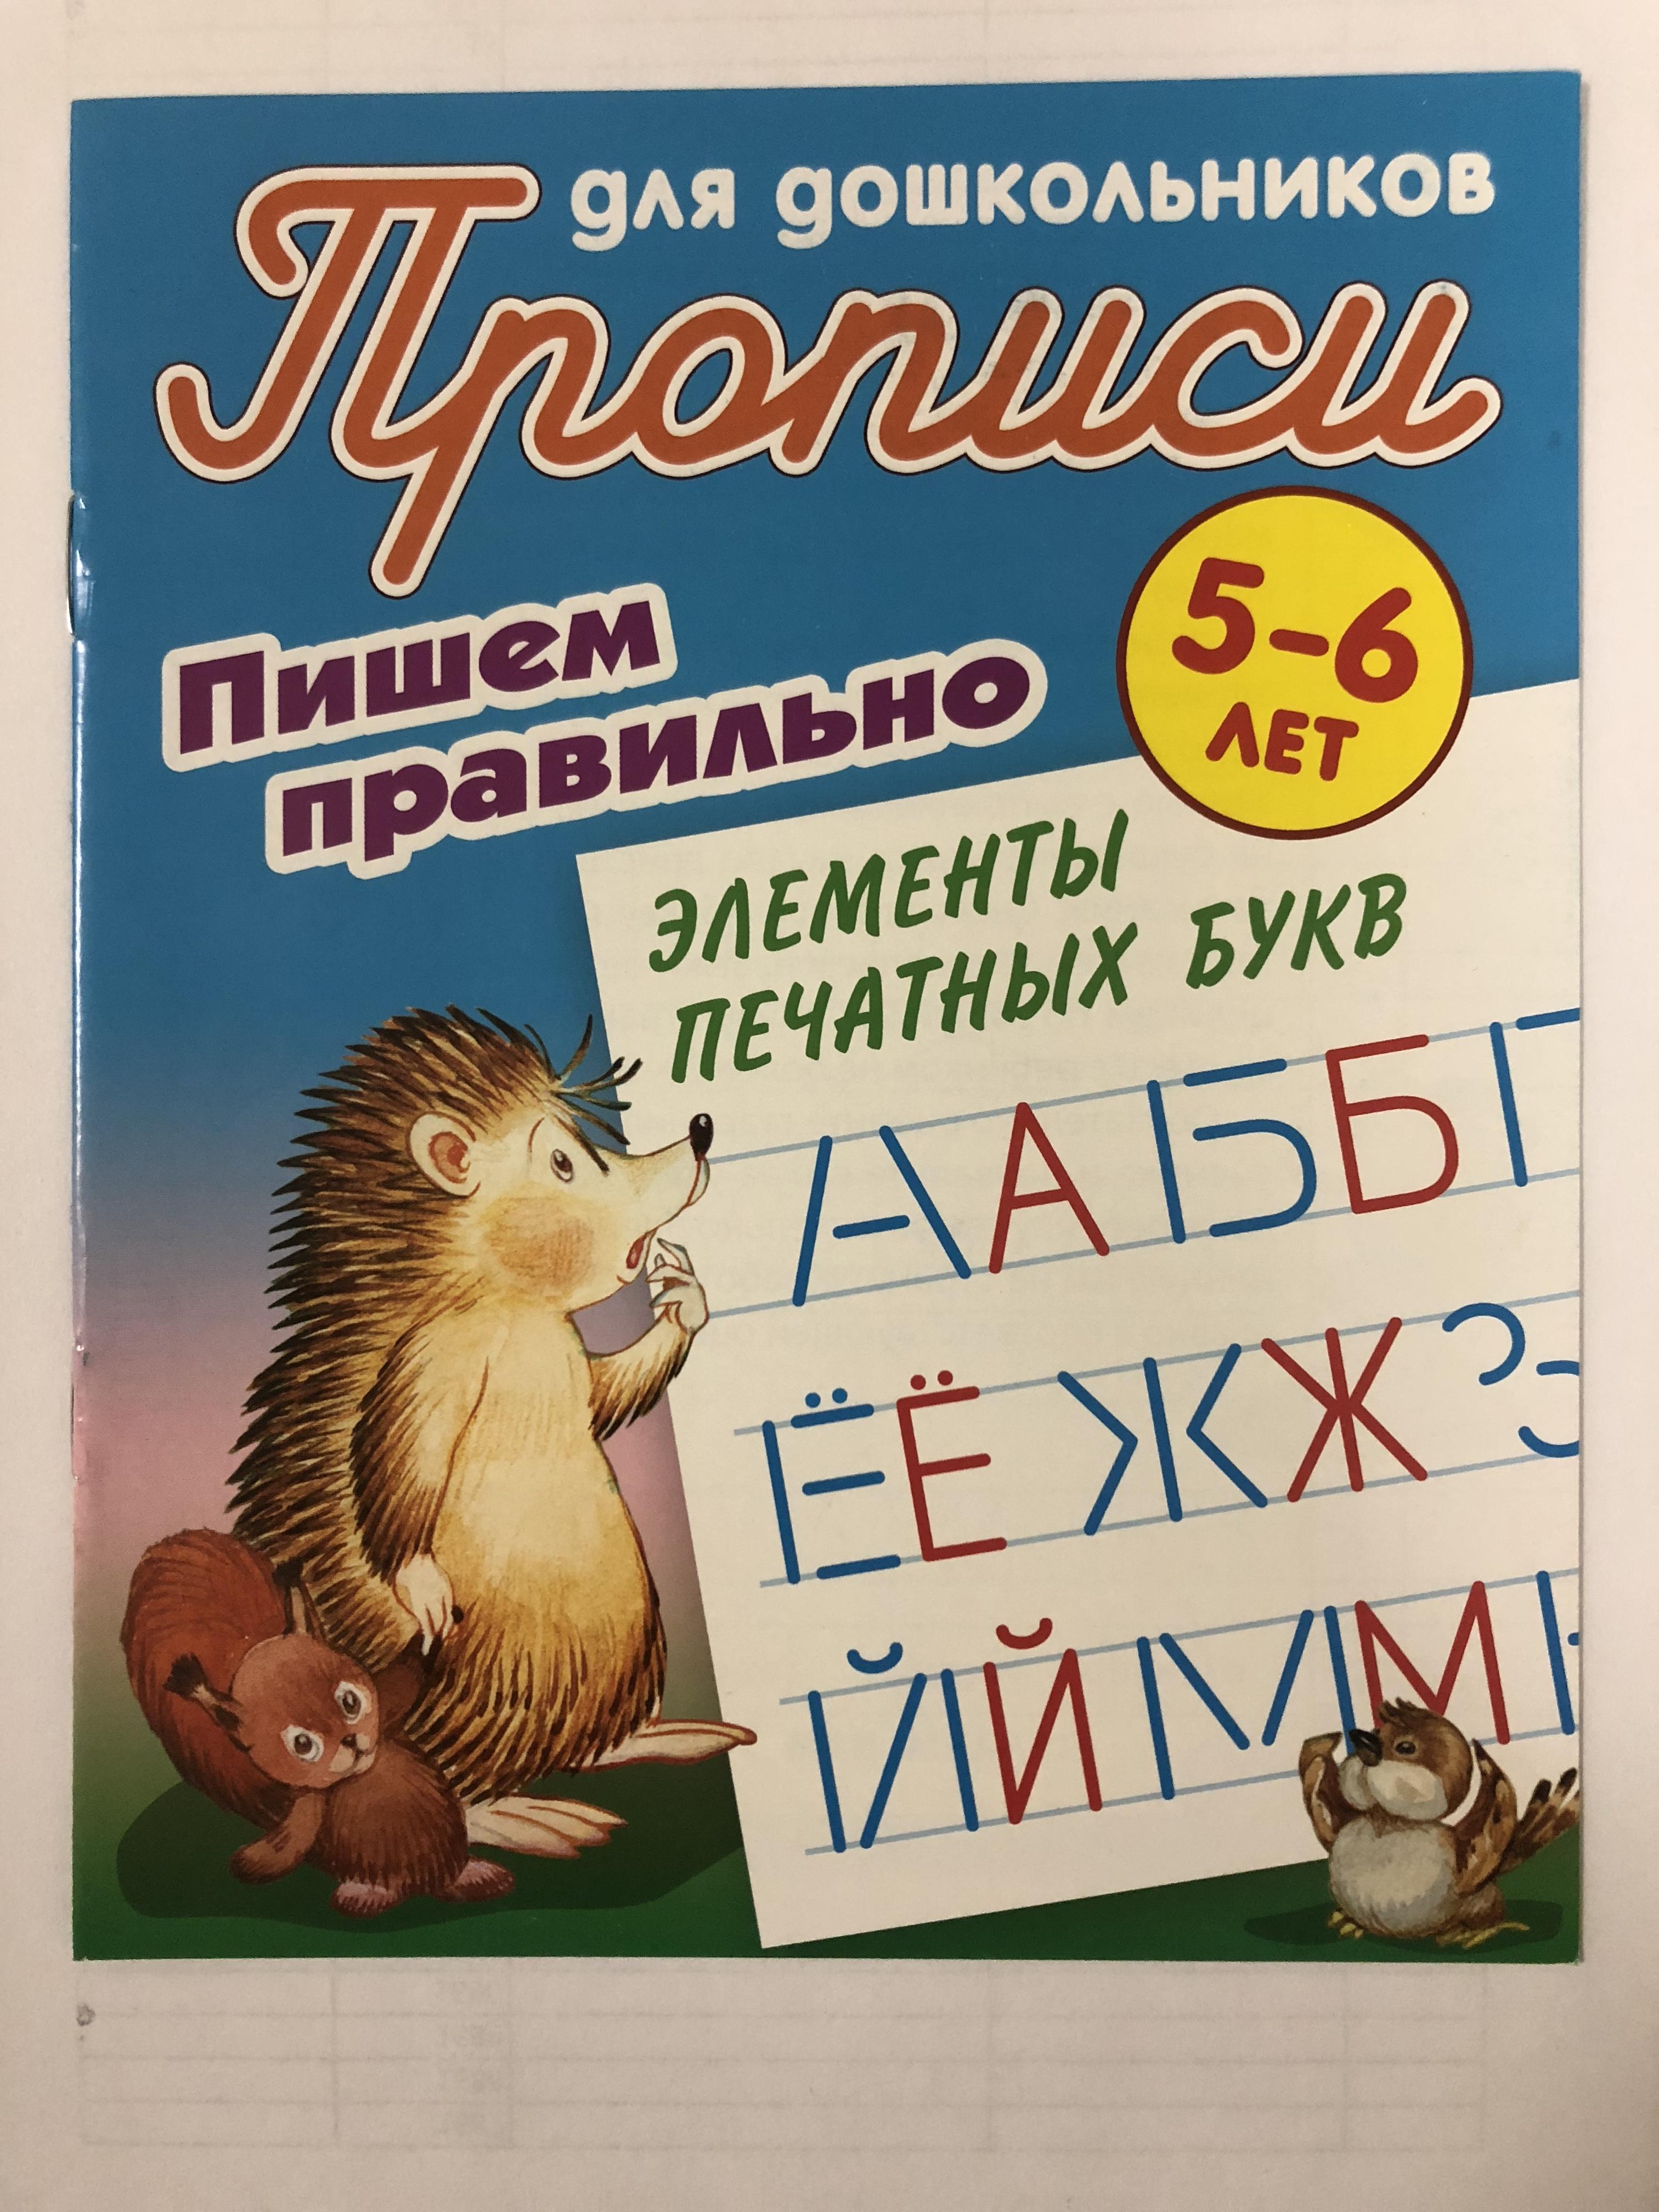 Книжка Лабиринт Пишем правильно элементы печатных букв написание печатных букв и элементов рукописных букв пропись